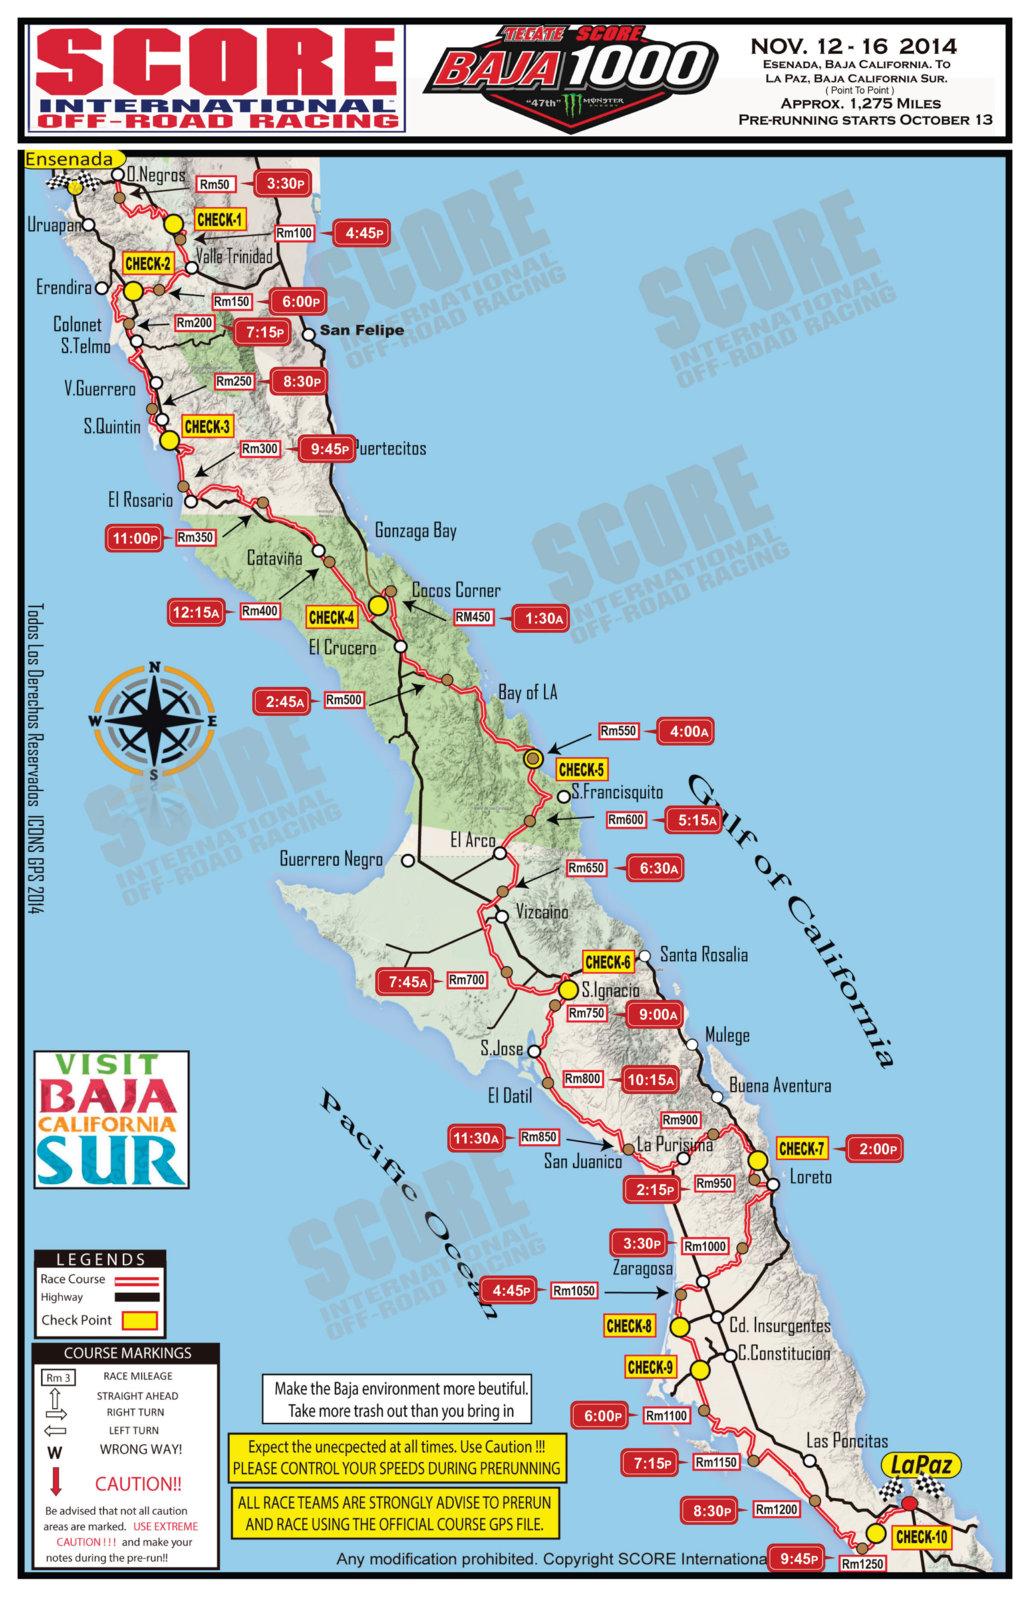 Baja 1000 Map 2014 Baja 1000 UTV time map | race deZert